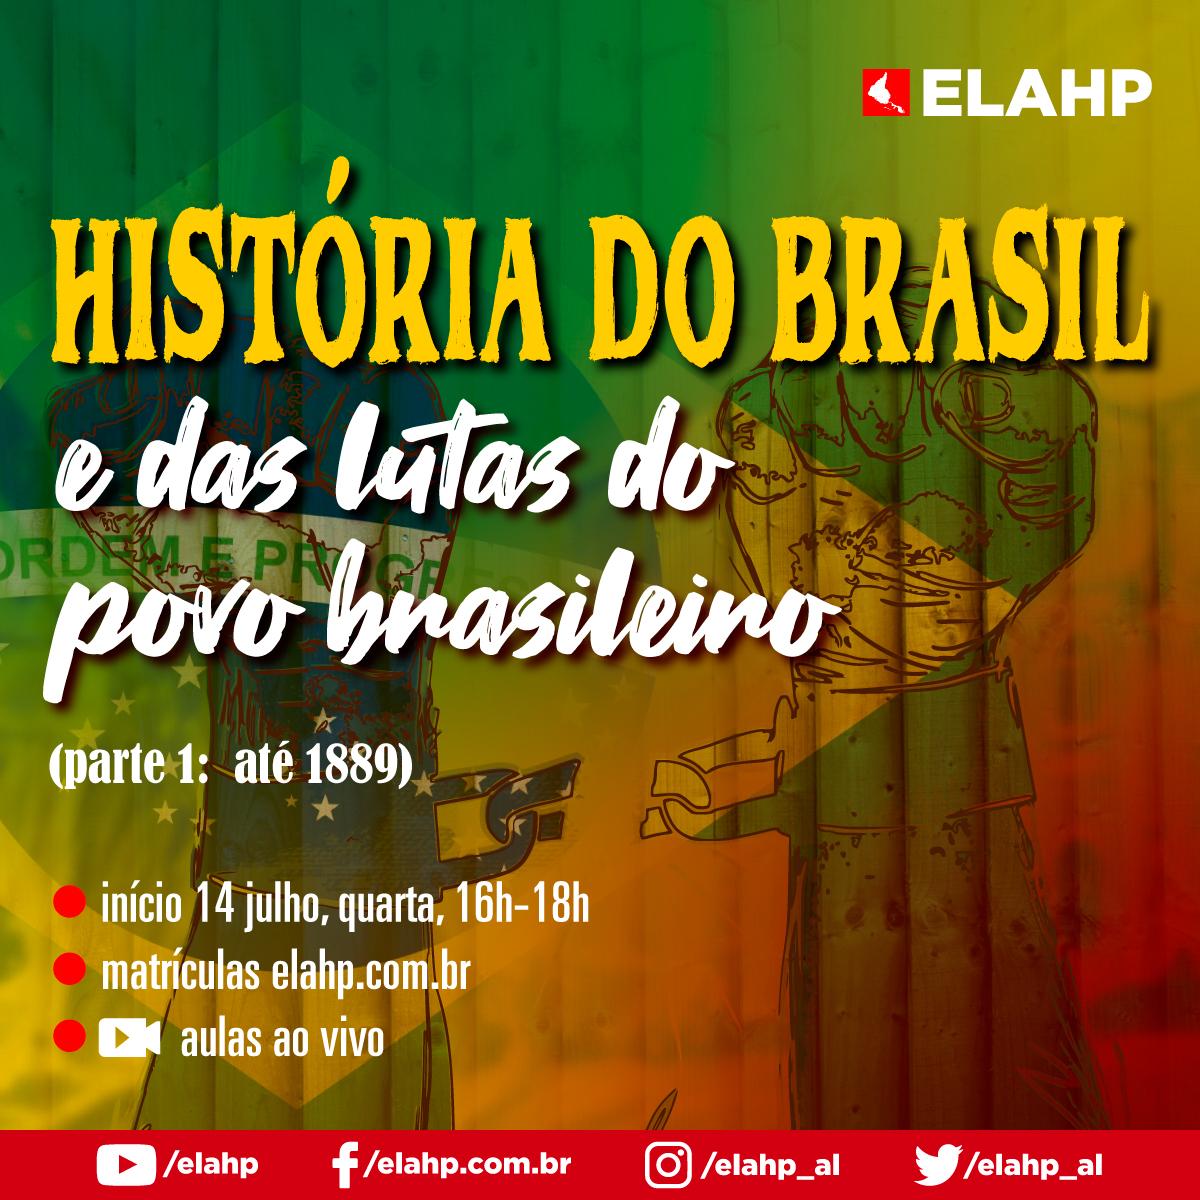 História do Brasil e das lutas do povo brasileiro (parte 1: até 1889)